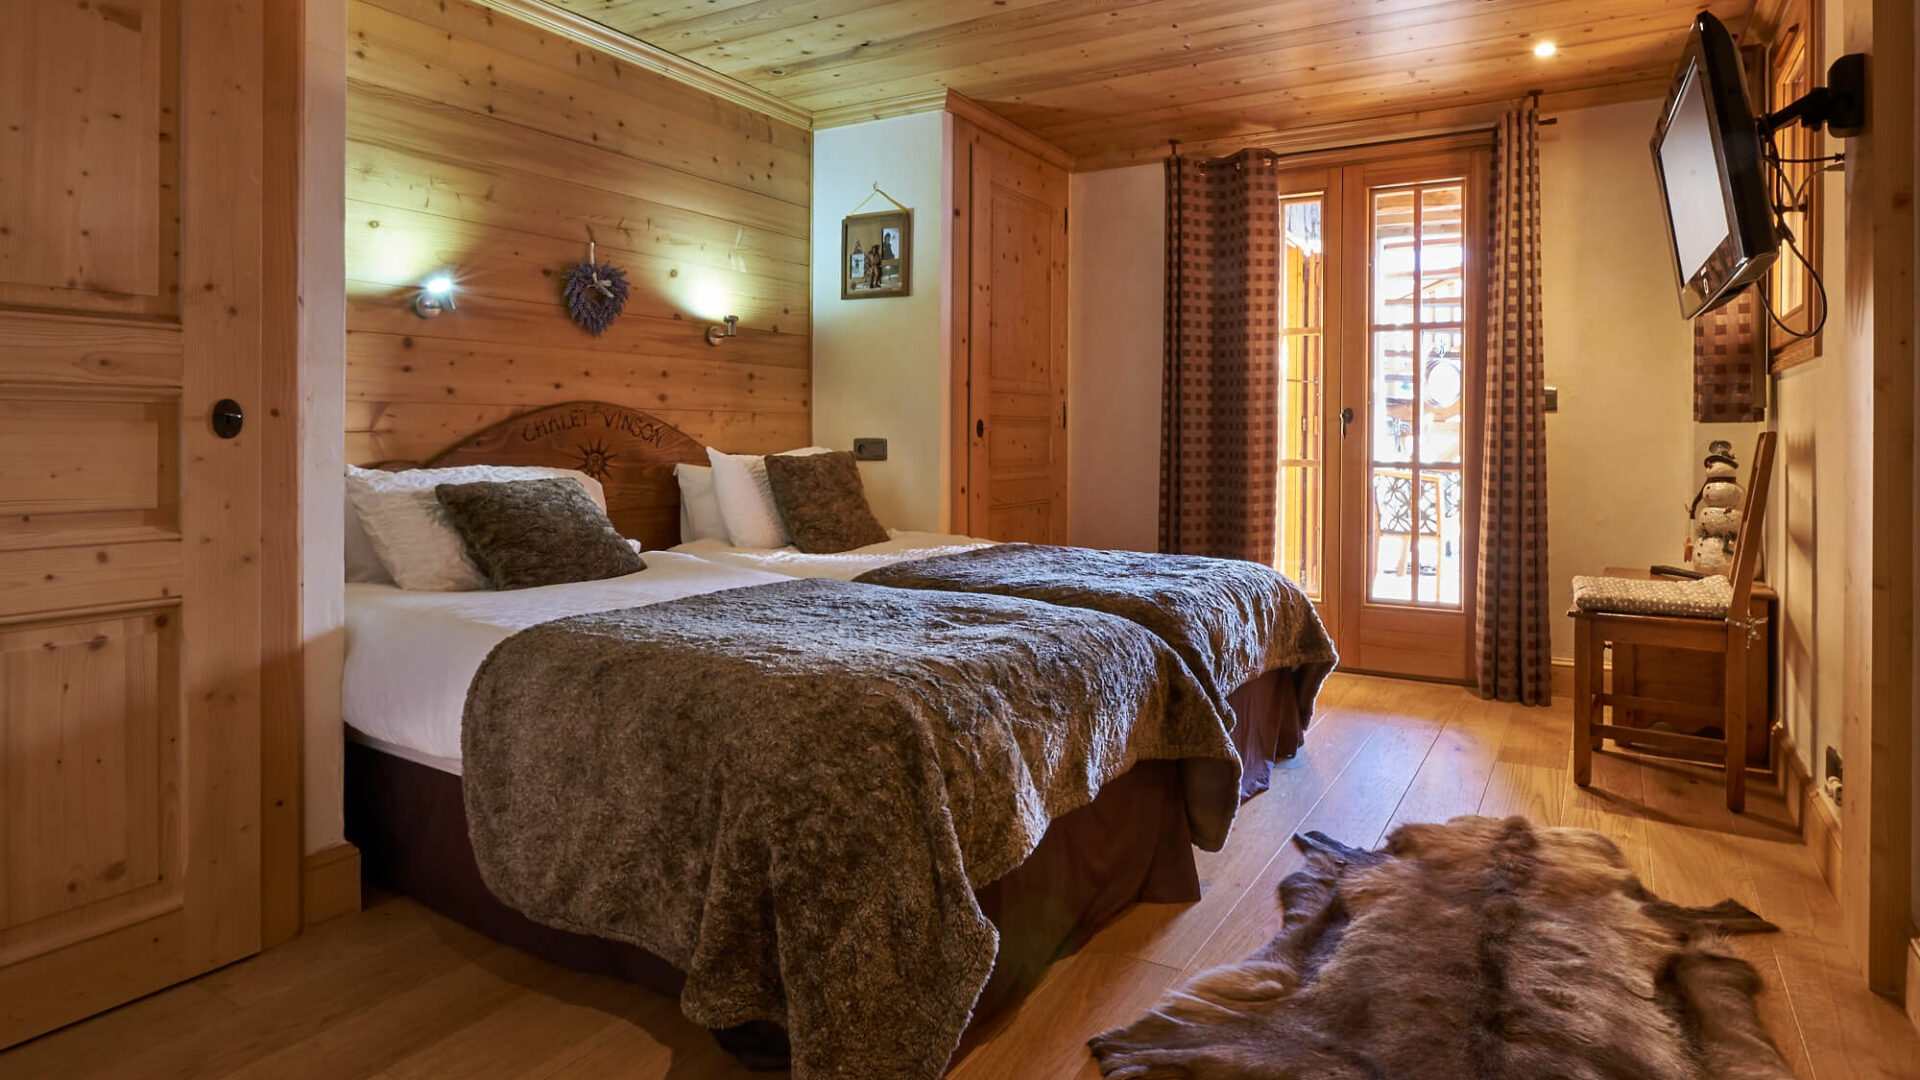 Chambre d'hôtel avec deux lits simples, tout en bois et peau de bête